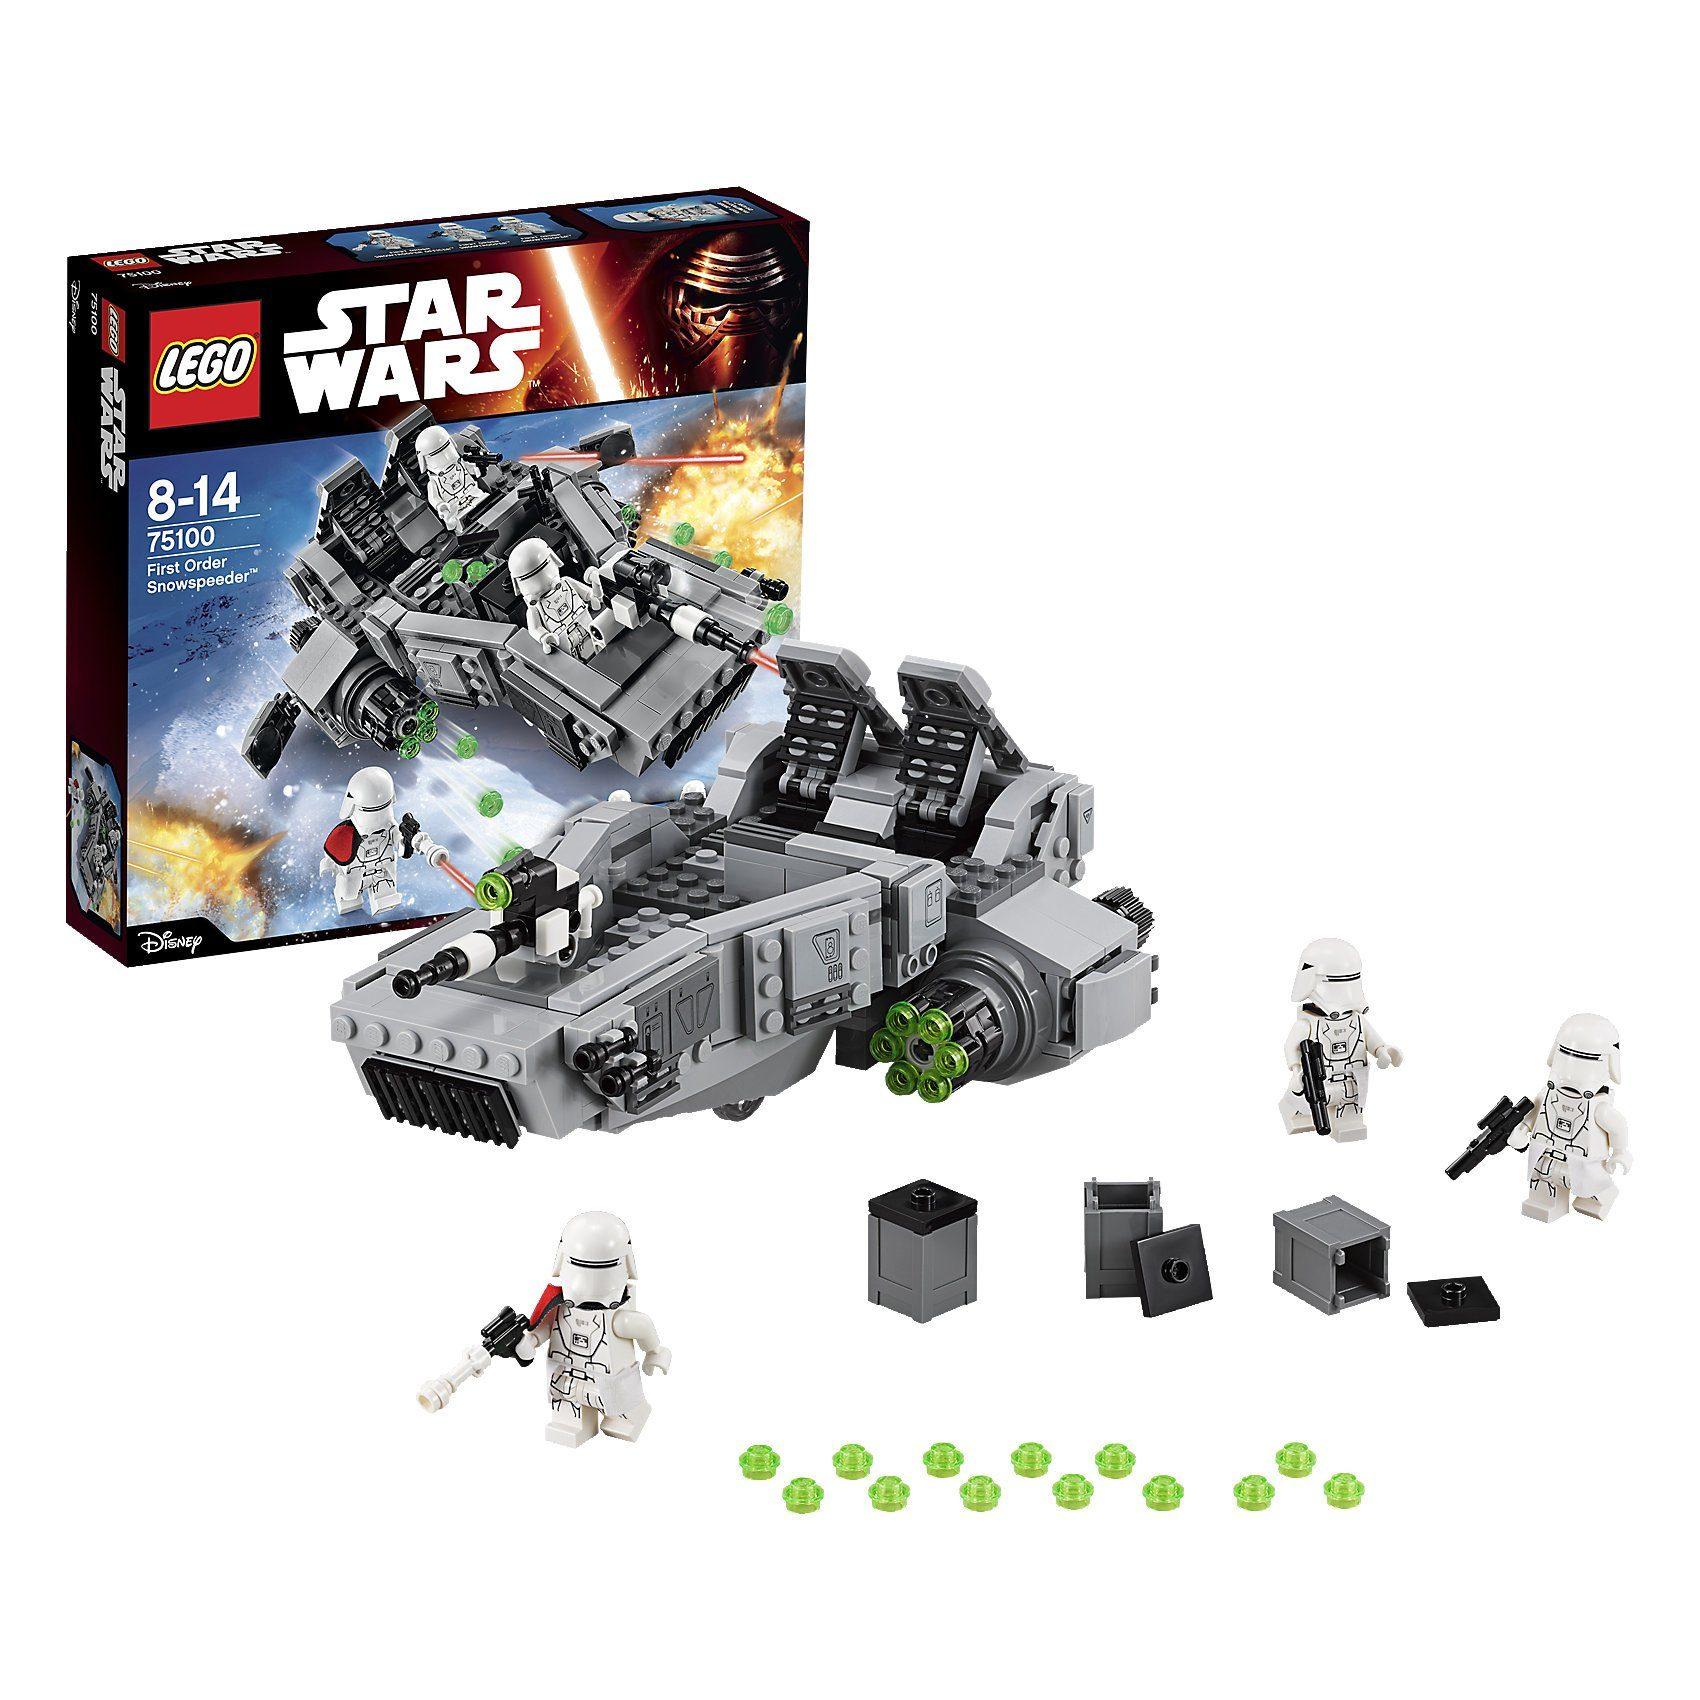 LEGO® 75100 Star Wars: First Order Snowspeeder